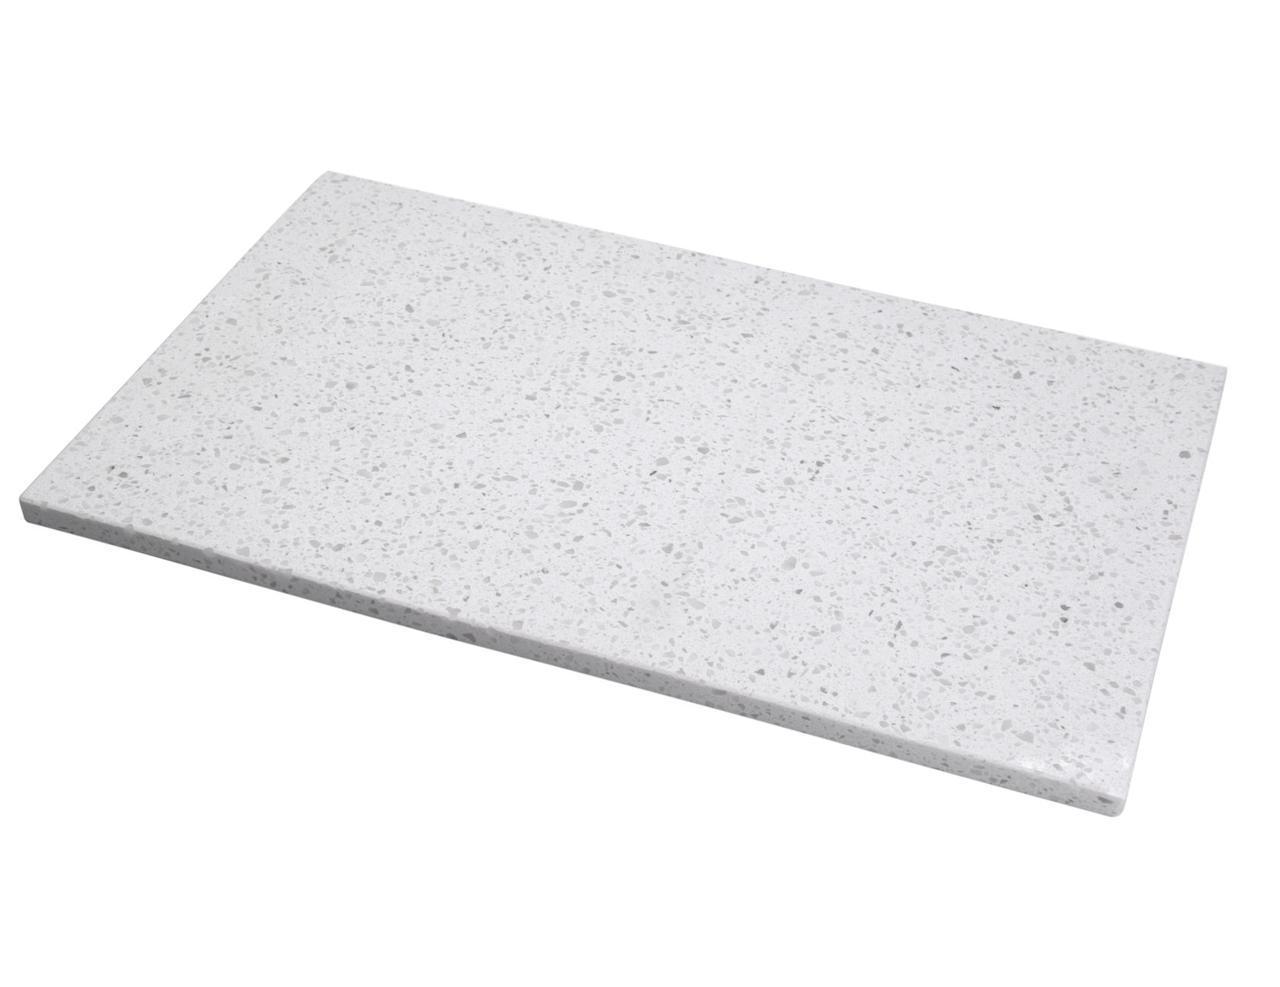 Доска для работы с шоколадом из кварцевого камня 40*50см Галетте -06739